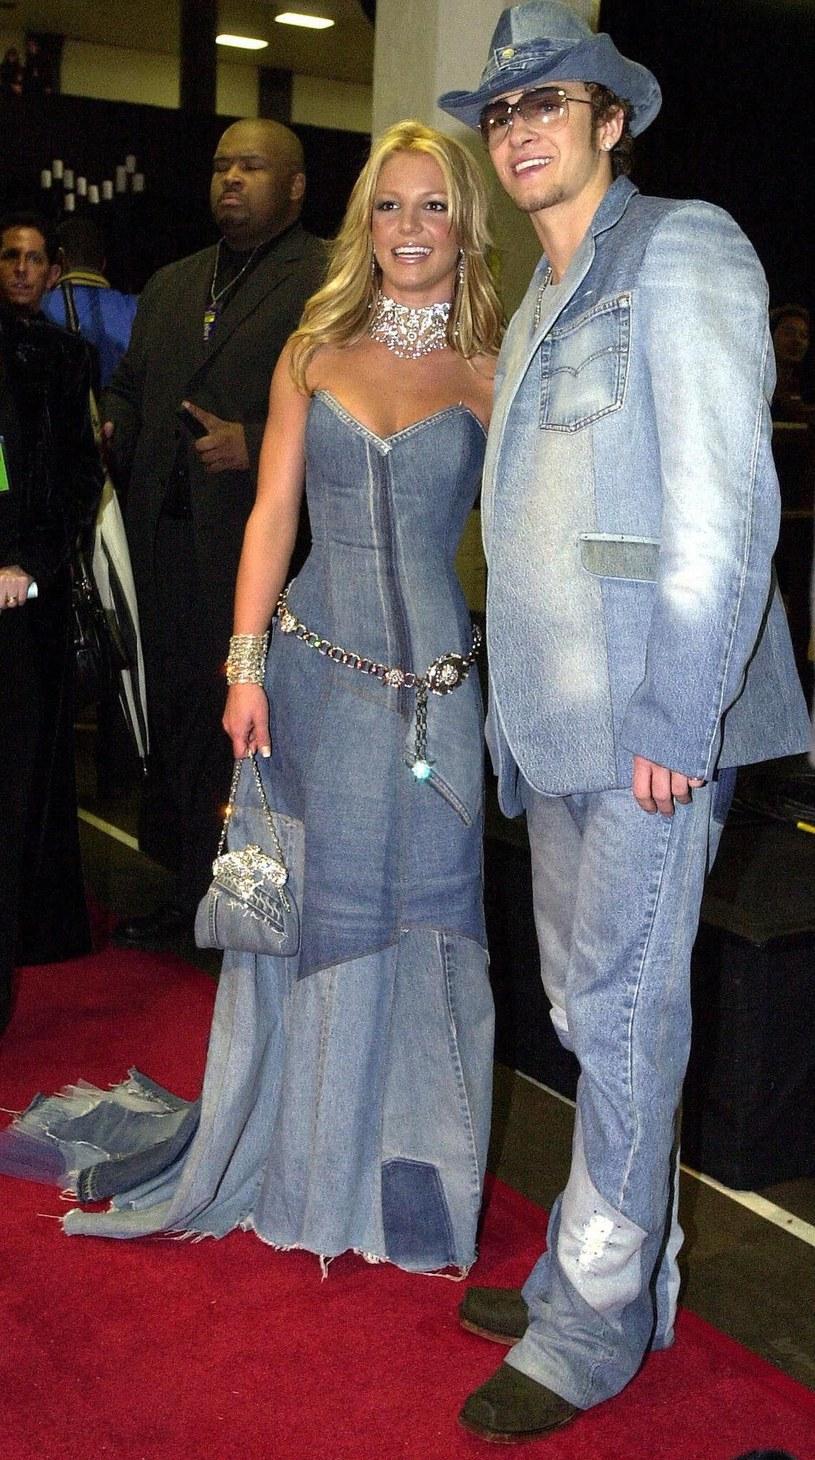 Mimo upływu czasu, stylizacja Britney Spears i Justina Timberlake'a nadal wywołuje emocje /LUCY NICHOLSON /East News